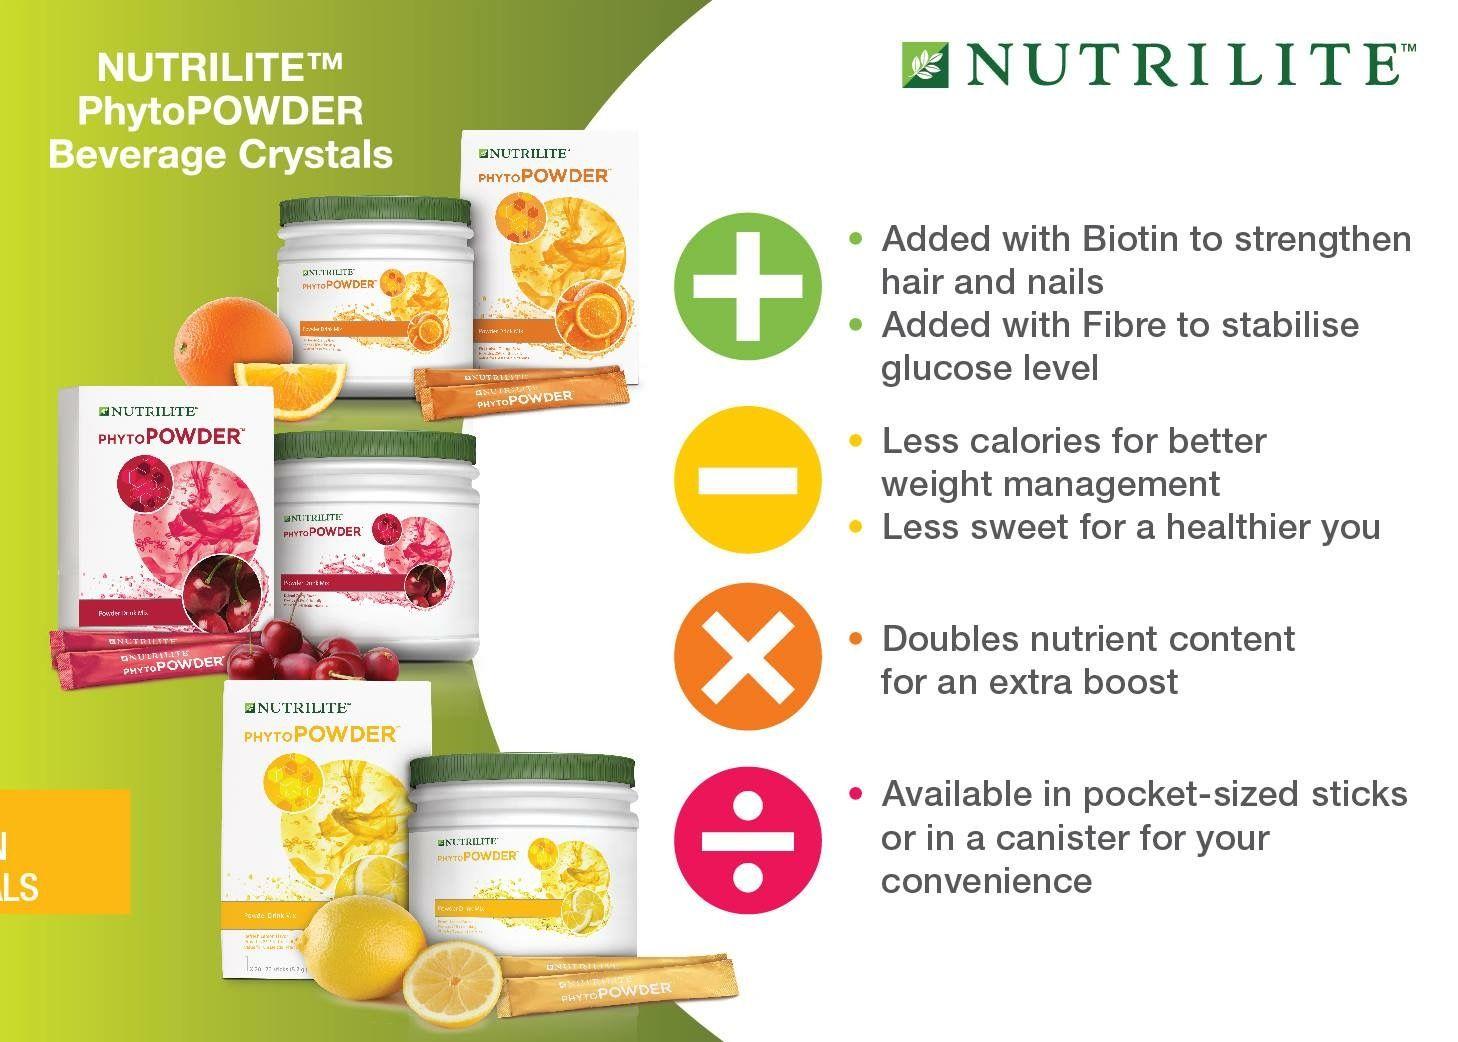 productos de pérdida de peso nutrilite en india